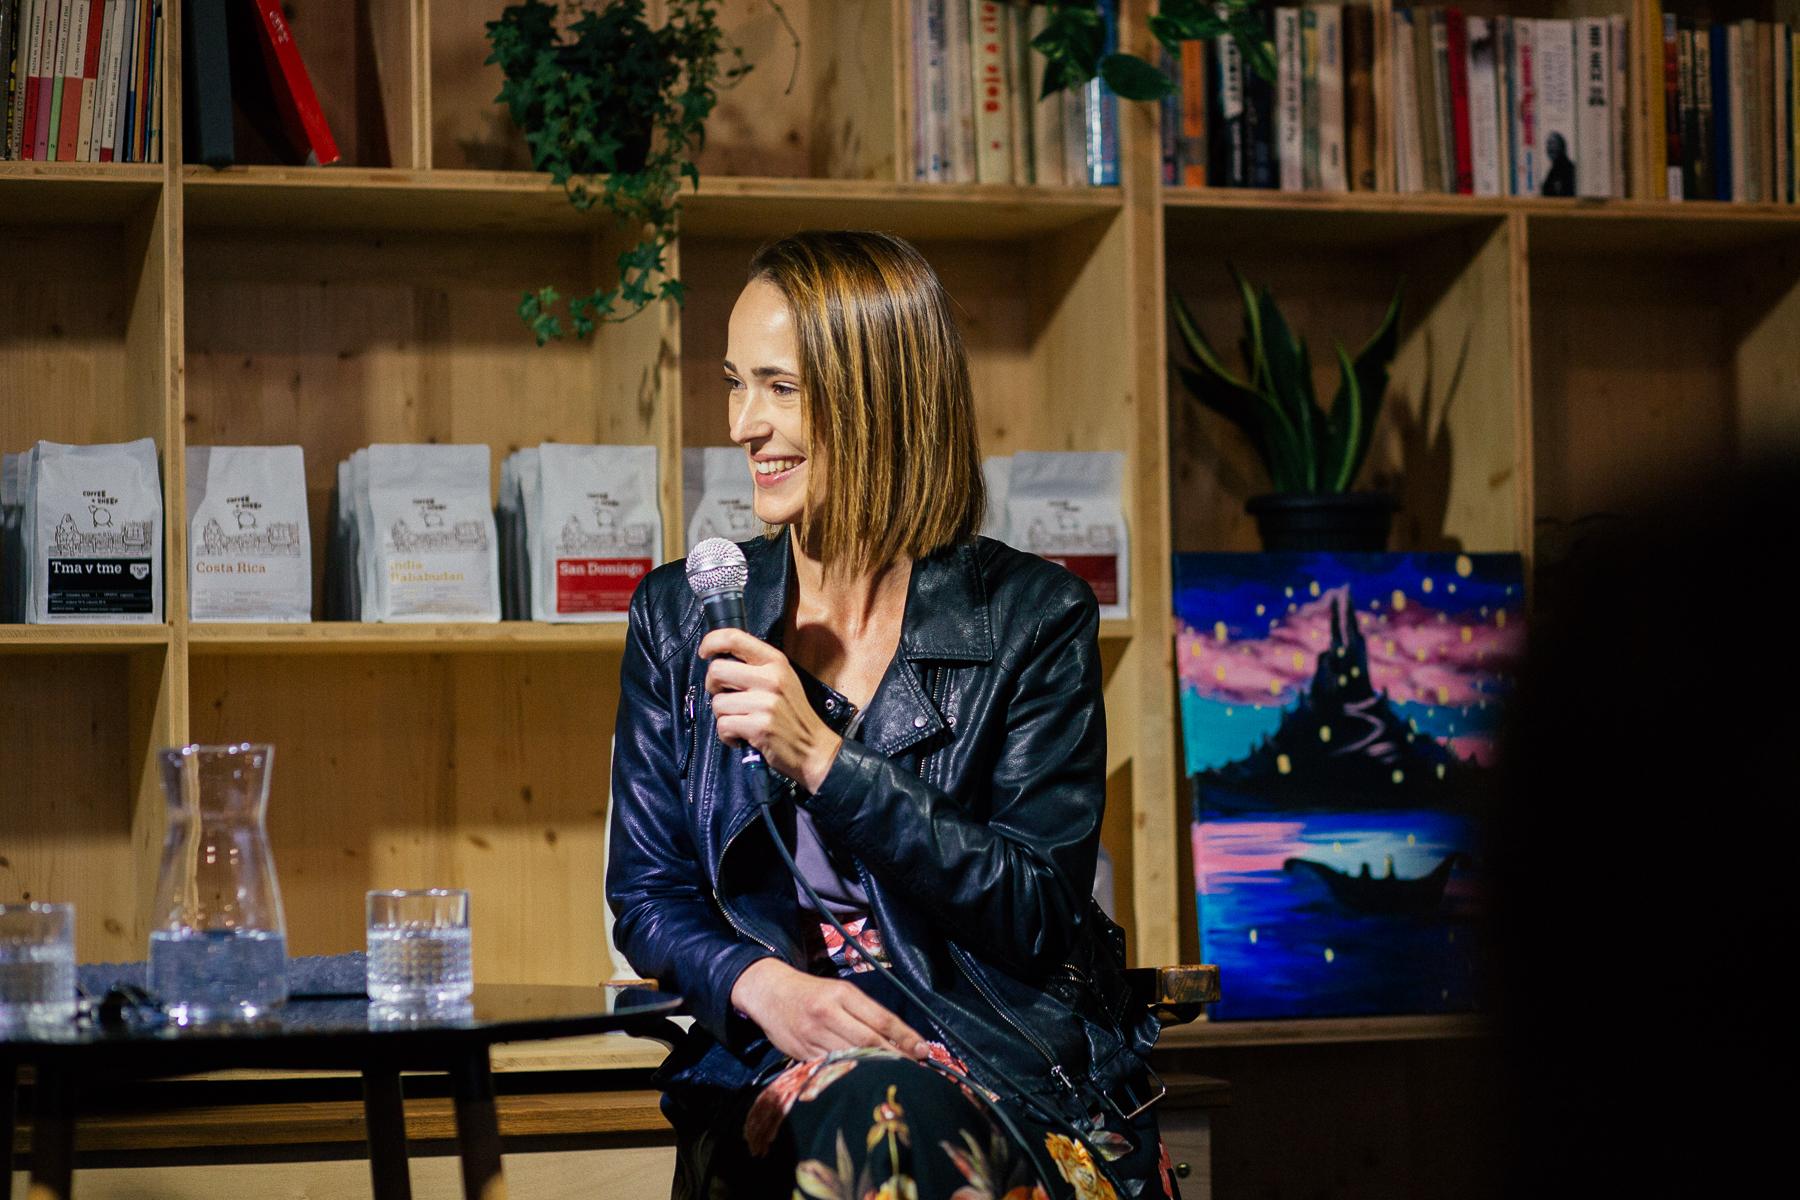 Magda Frecer počas rozhovoru, v pozadí knižnica a obrazy